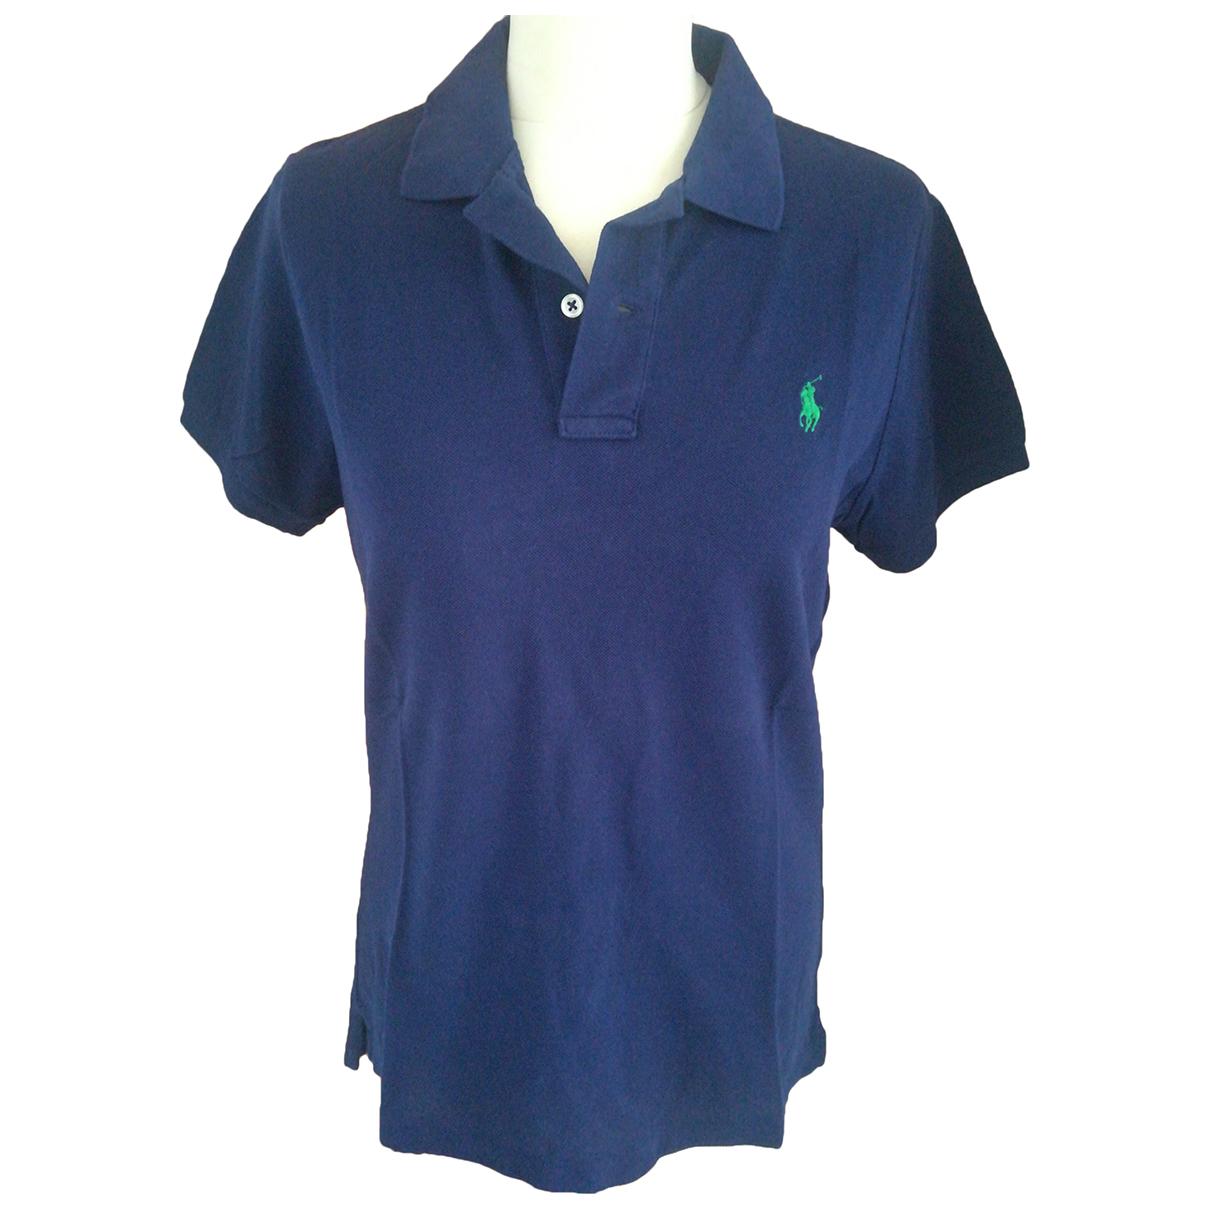 Polo Ralph Lauren Polo ajusté manches courtes Blue Cotton  top for Women L International